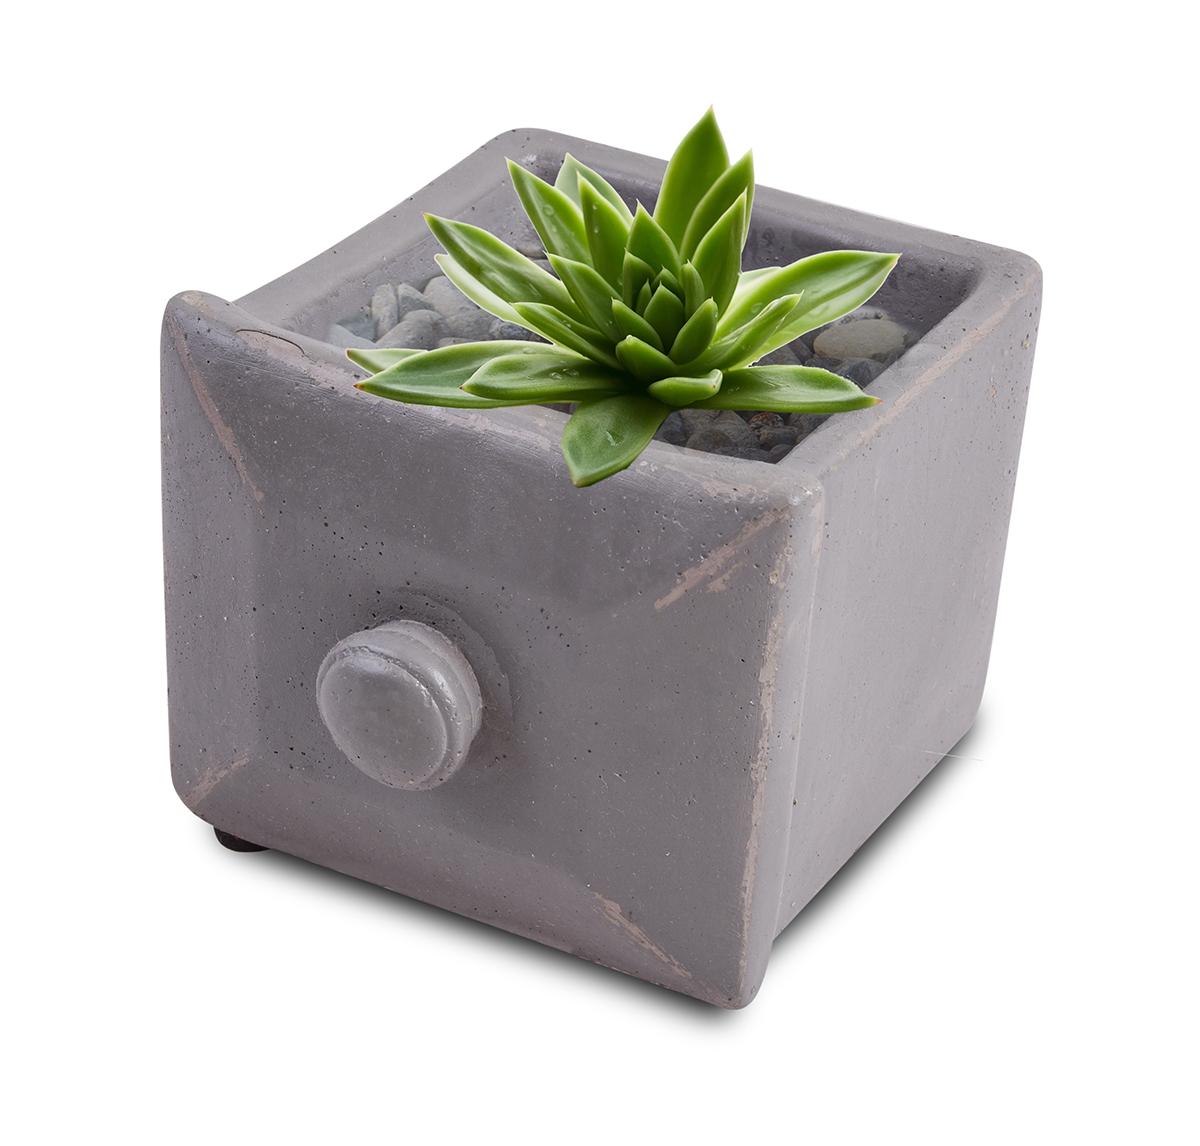 DA97922-Kameninový obal na kvetináč štvorcový, sivý